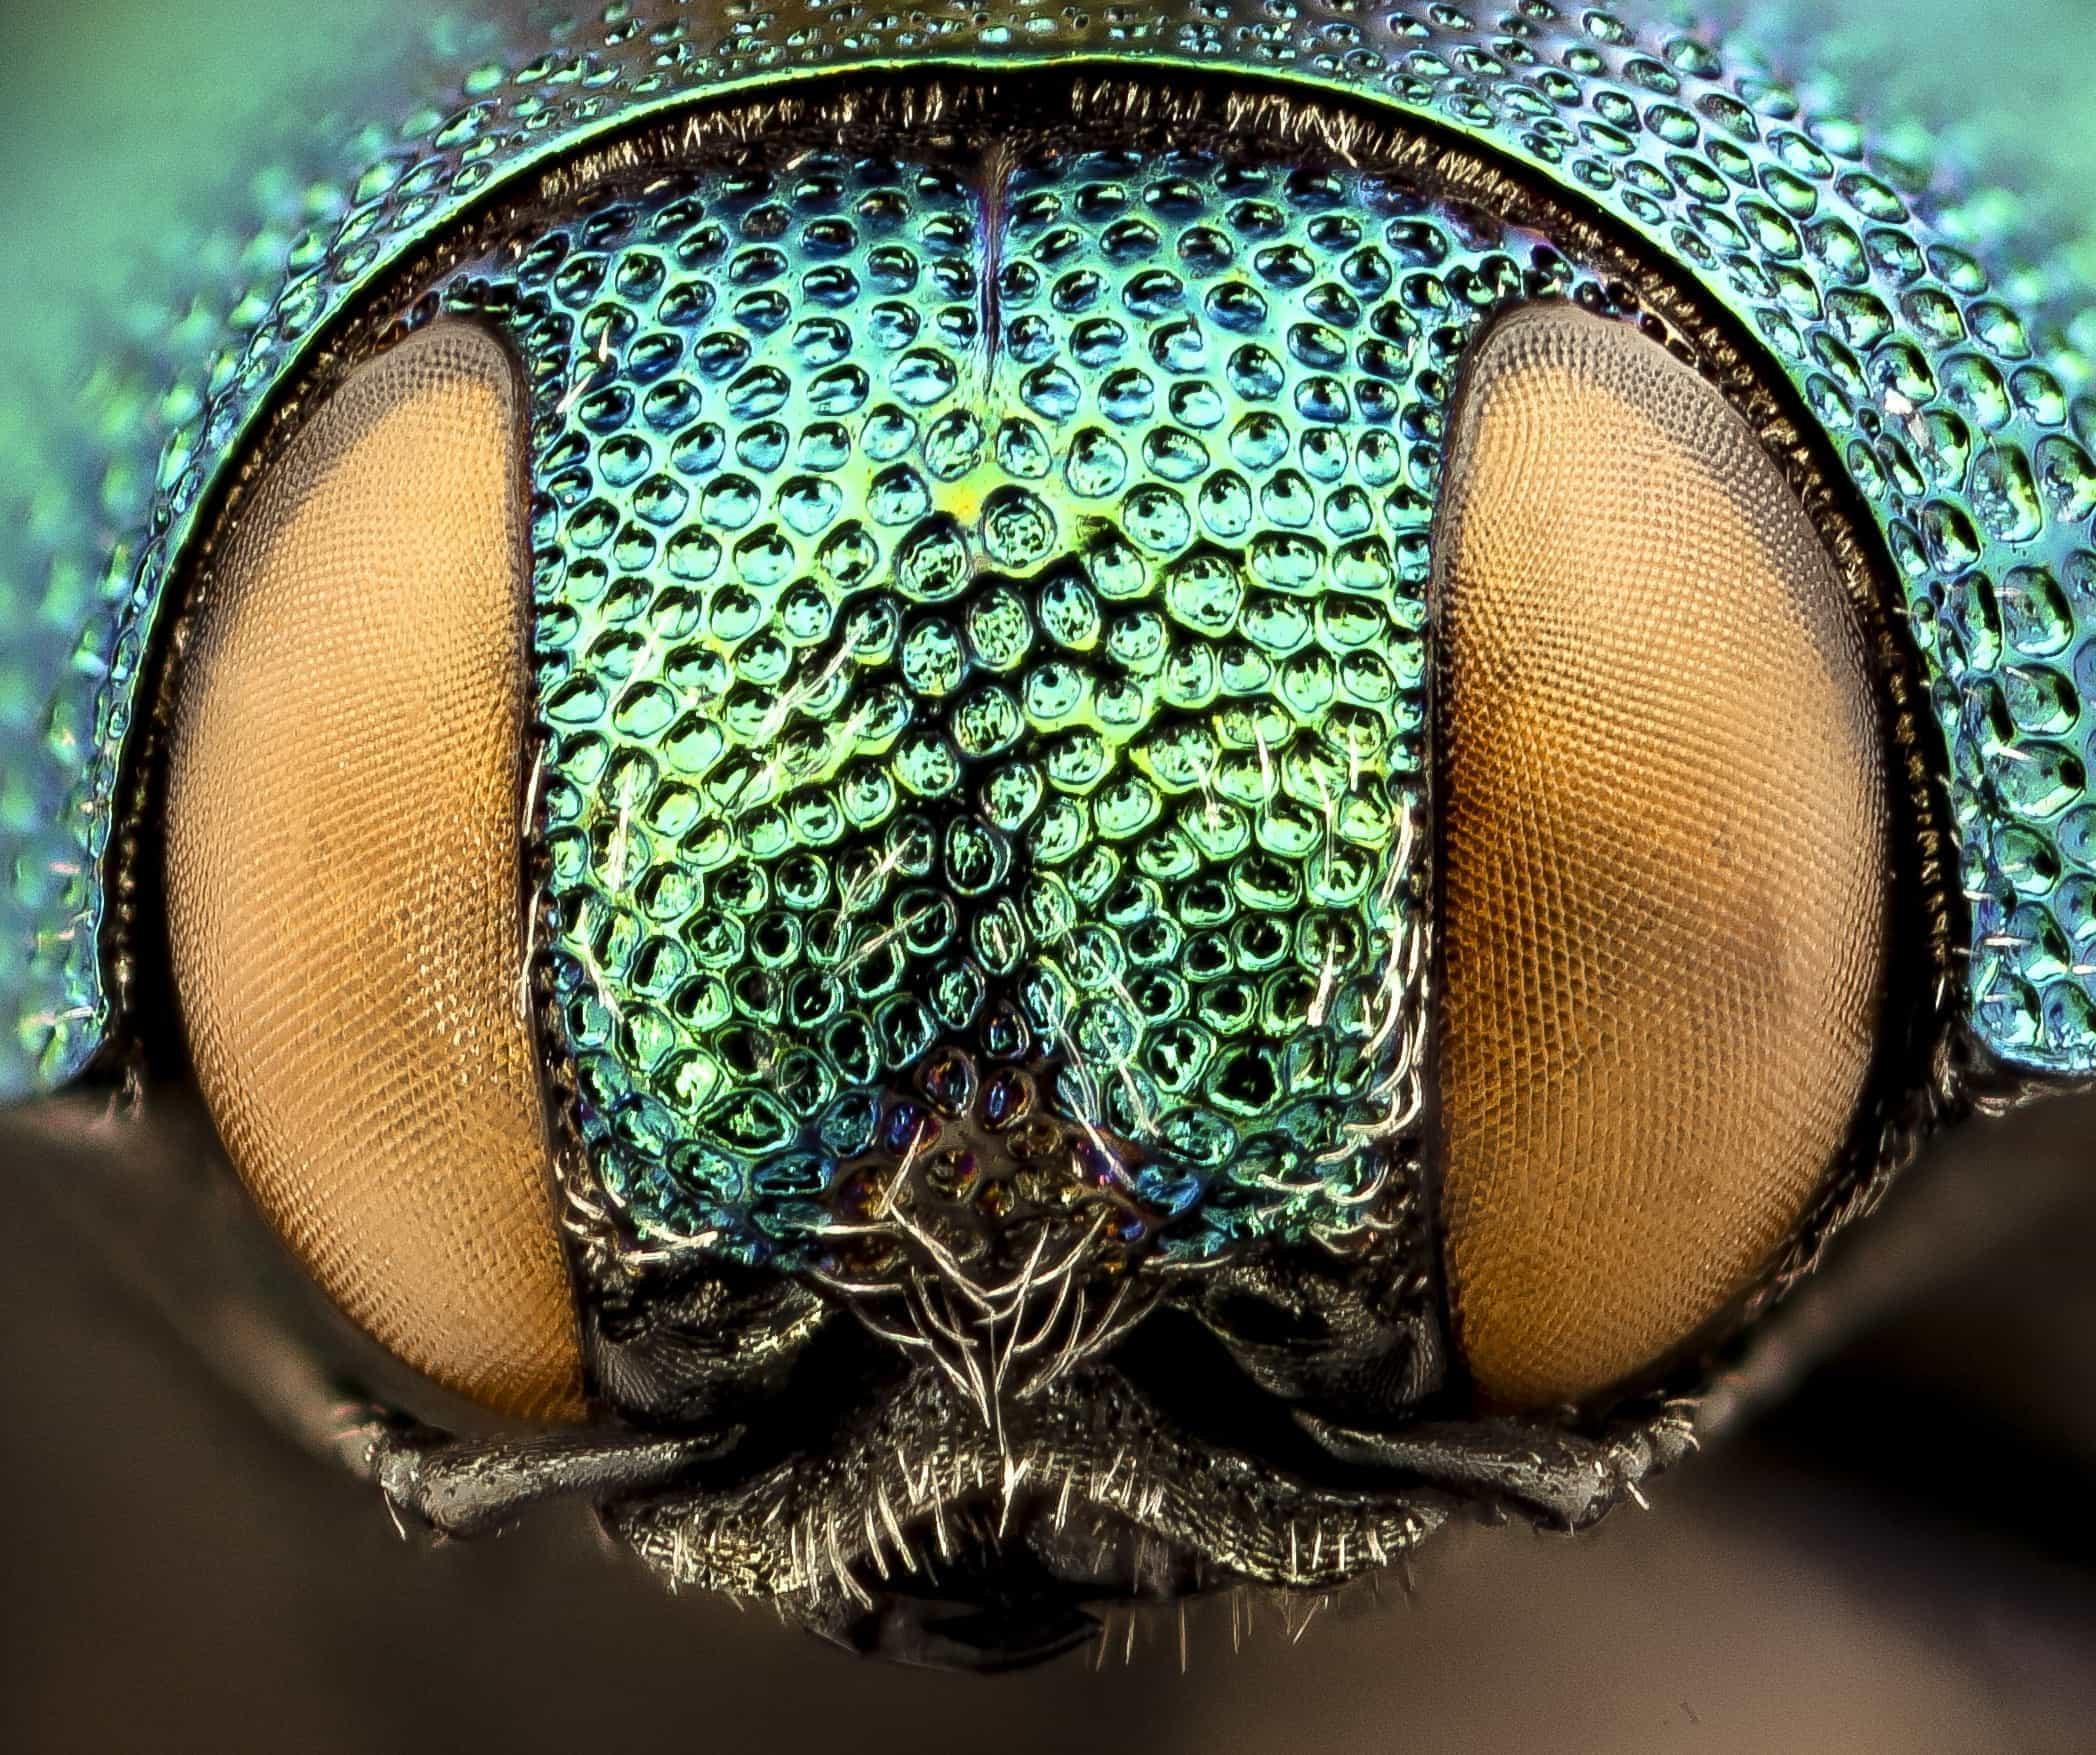 Natureza em plenos: A extraordinária beleza dos insetos